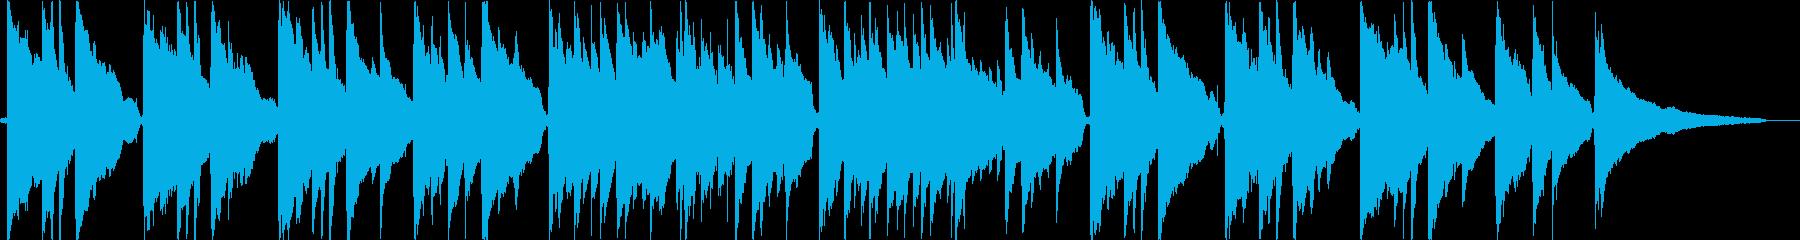 ノストラジックなアコギバラードの再生済みの波形